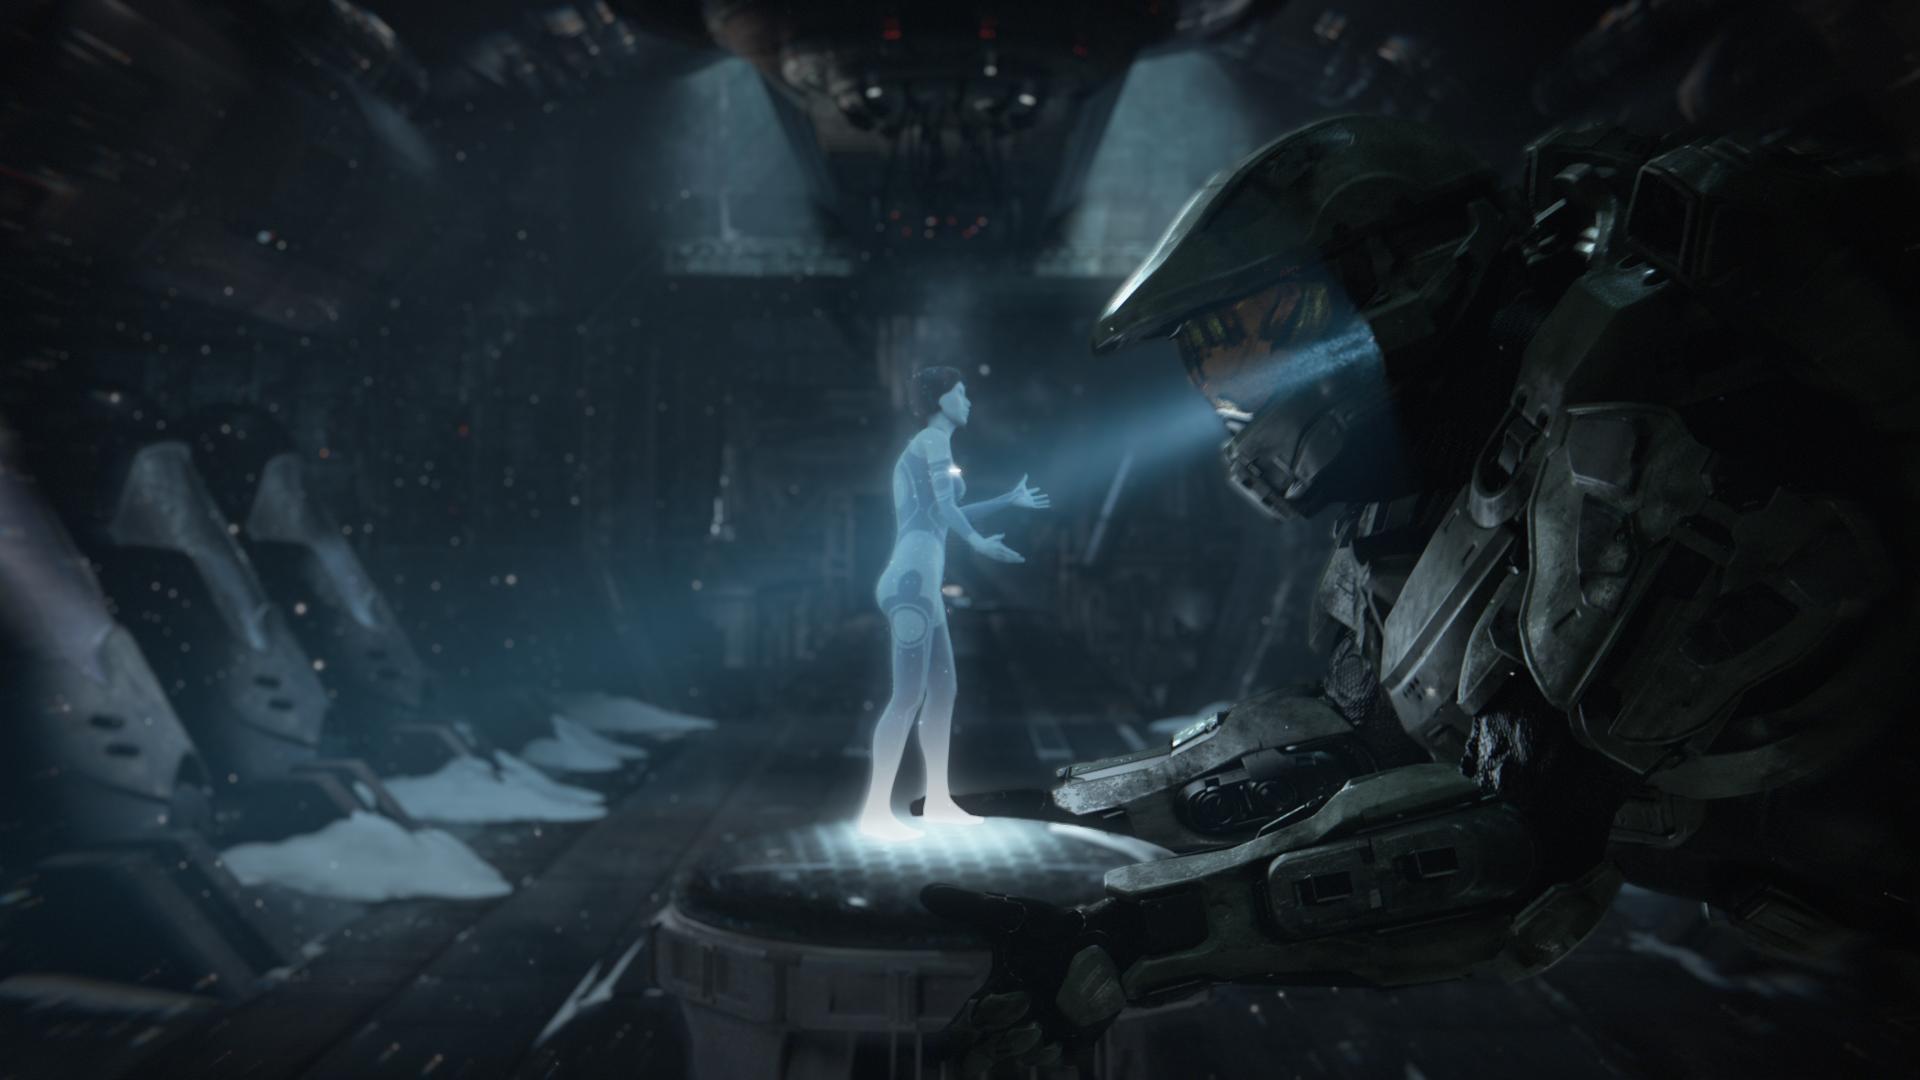 Halo 4 - Prime immagini